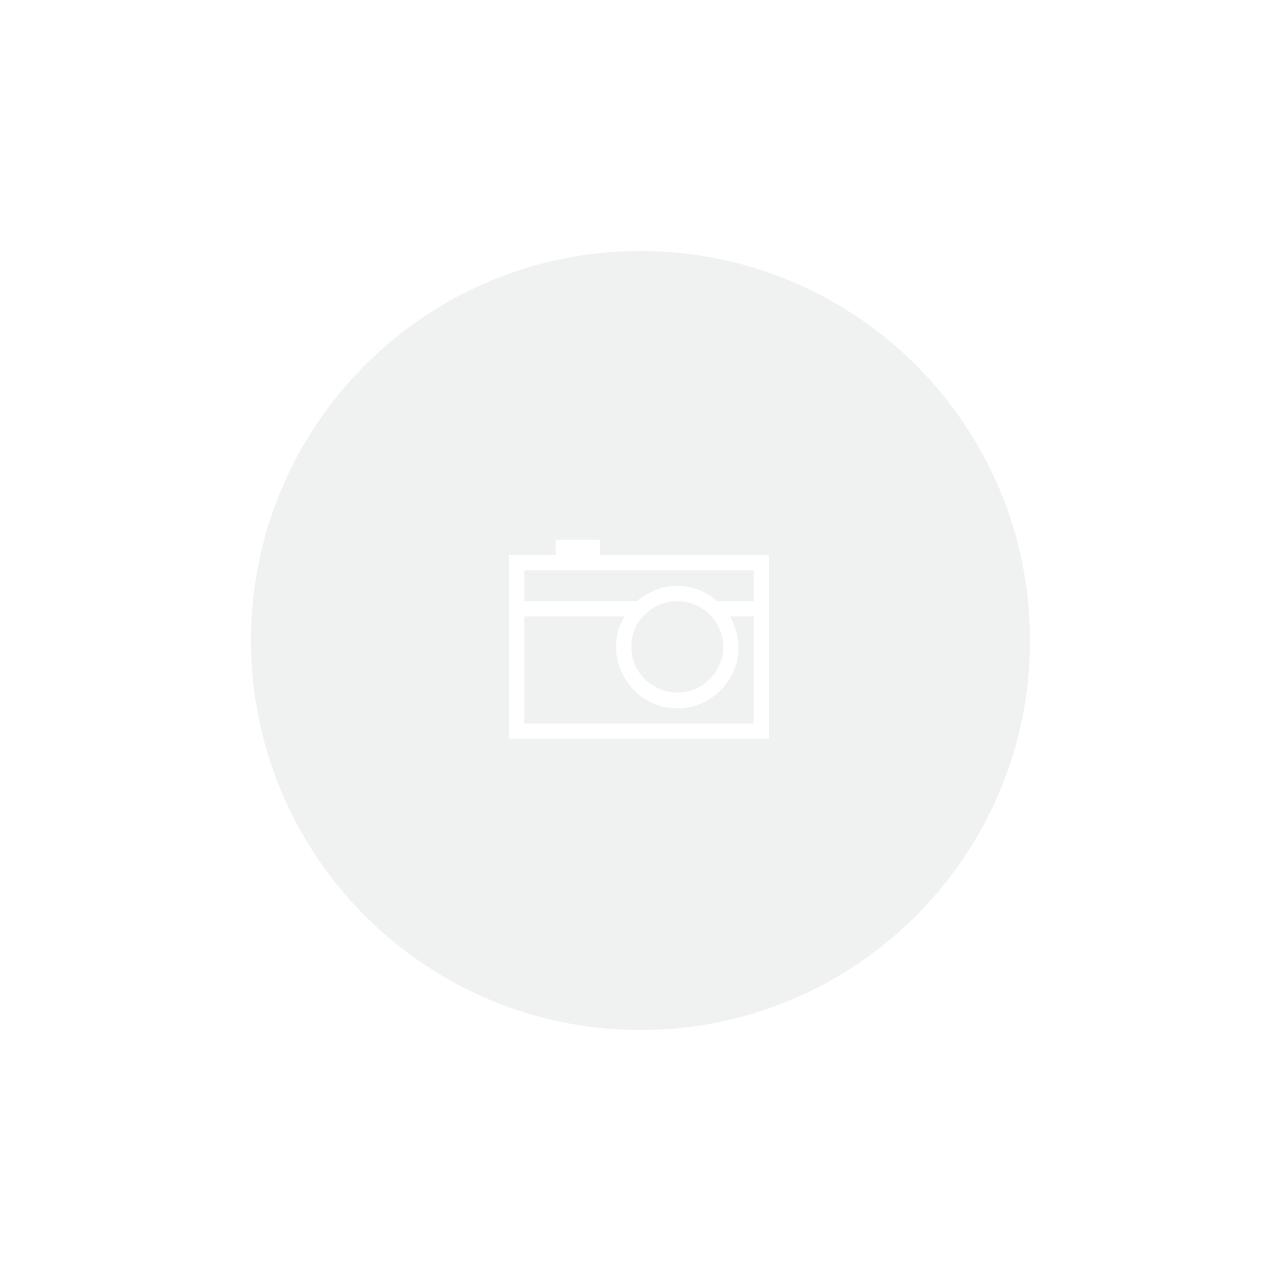 MOUSE GENIUS MICRO TRAVELER VERMELHO USB COM CABO RETRATIL